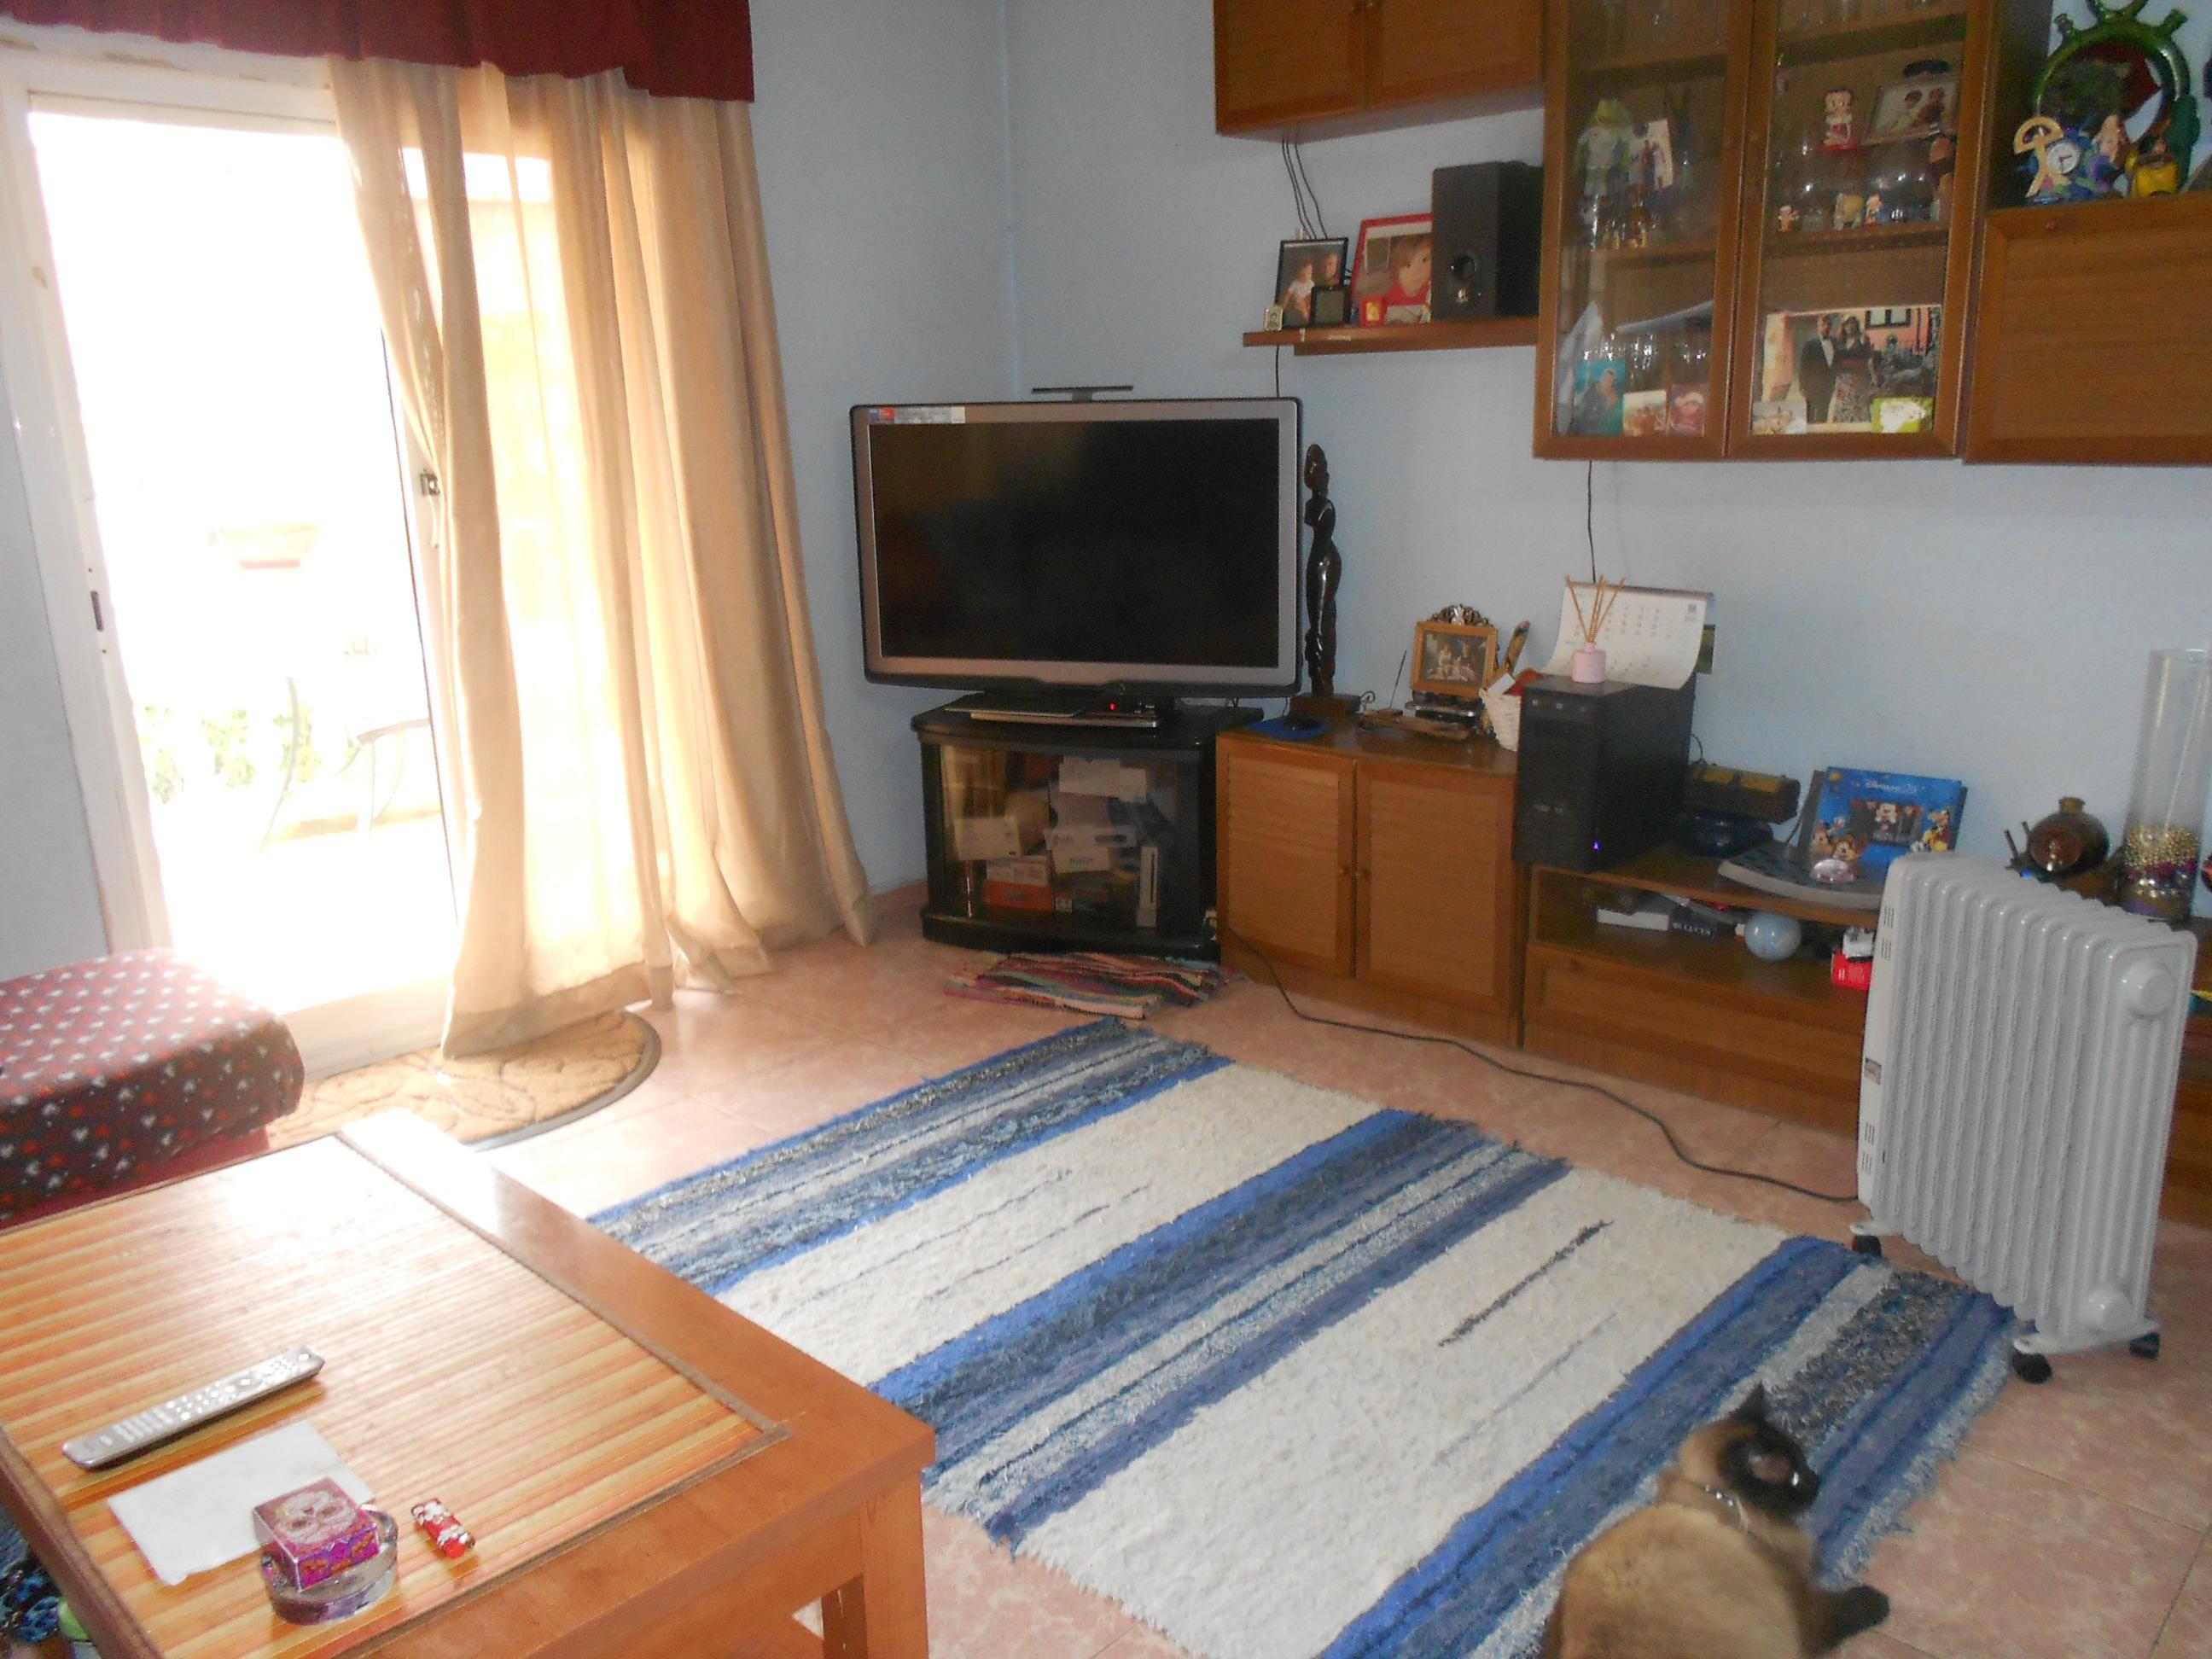 Imagen 4 Casa Adosada en venta en Arenys De Munt / Centro a 1 minuto del ayuntamiento, con garaje